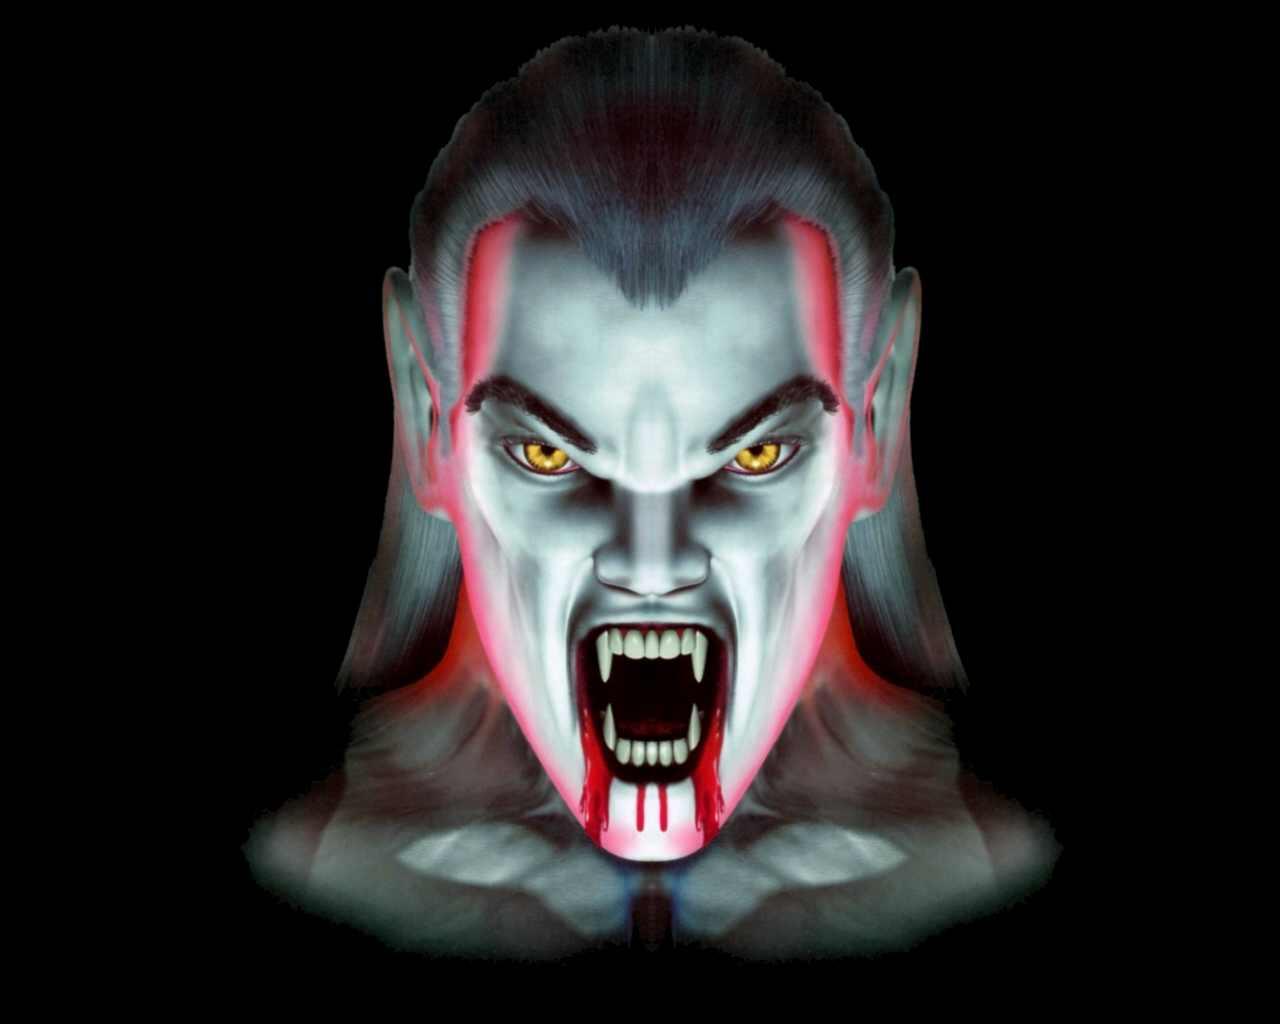 Оскал вампира, скачать обои для рабочего стола, vampire wallpaper, скаяать фото